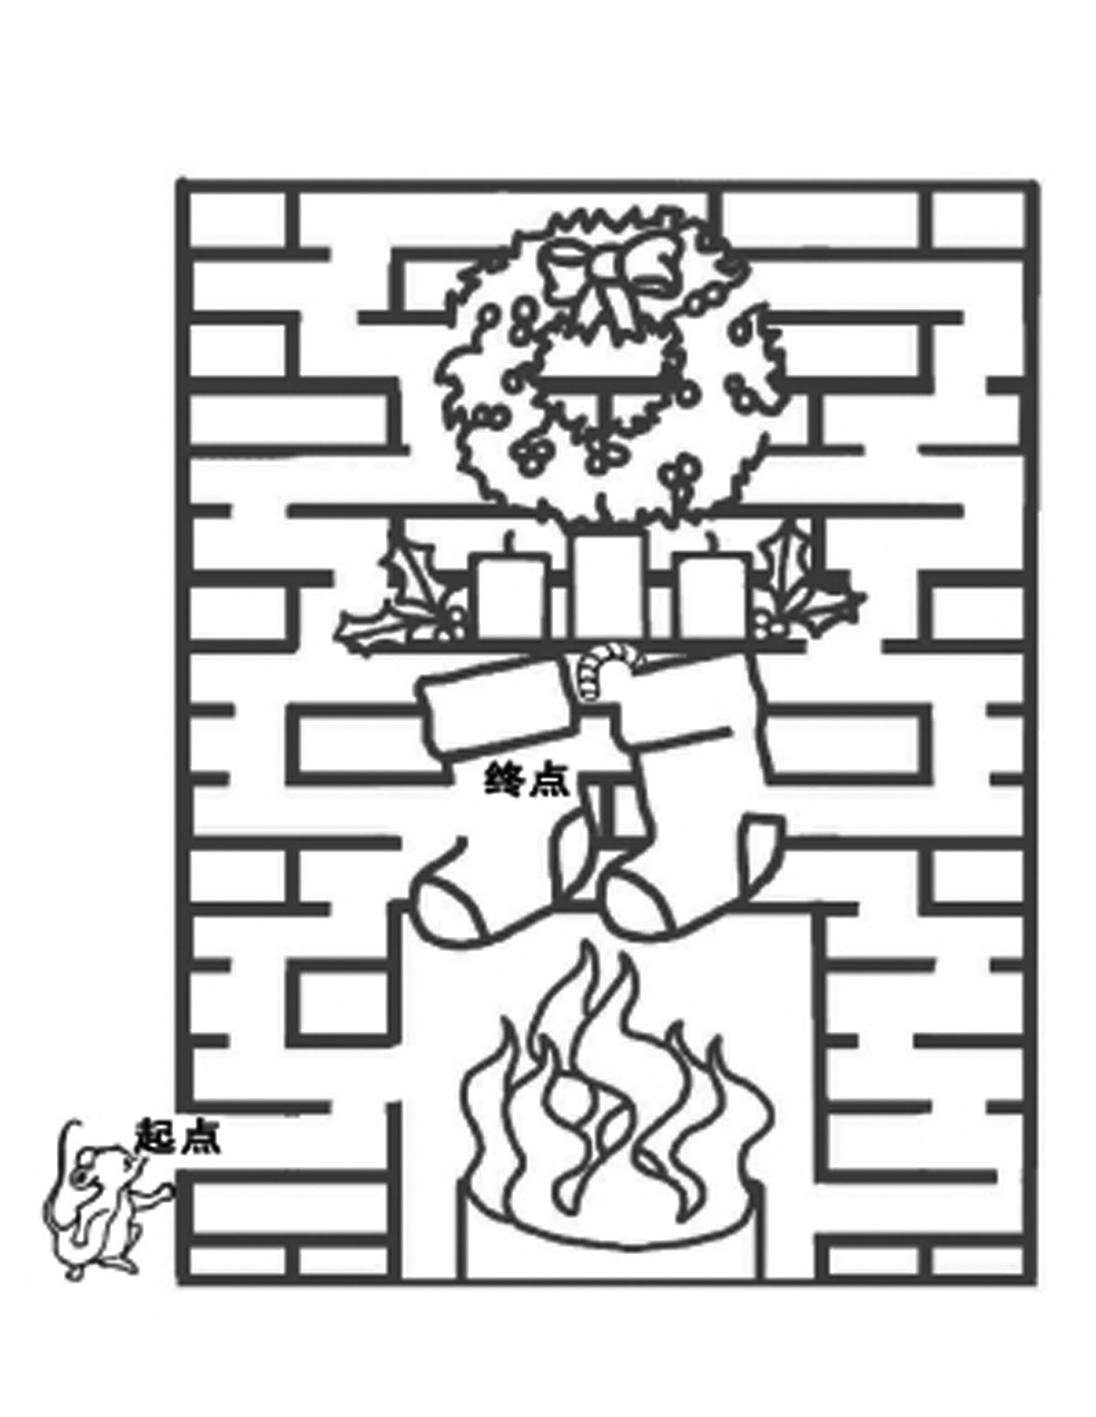 迷宫(图)